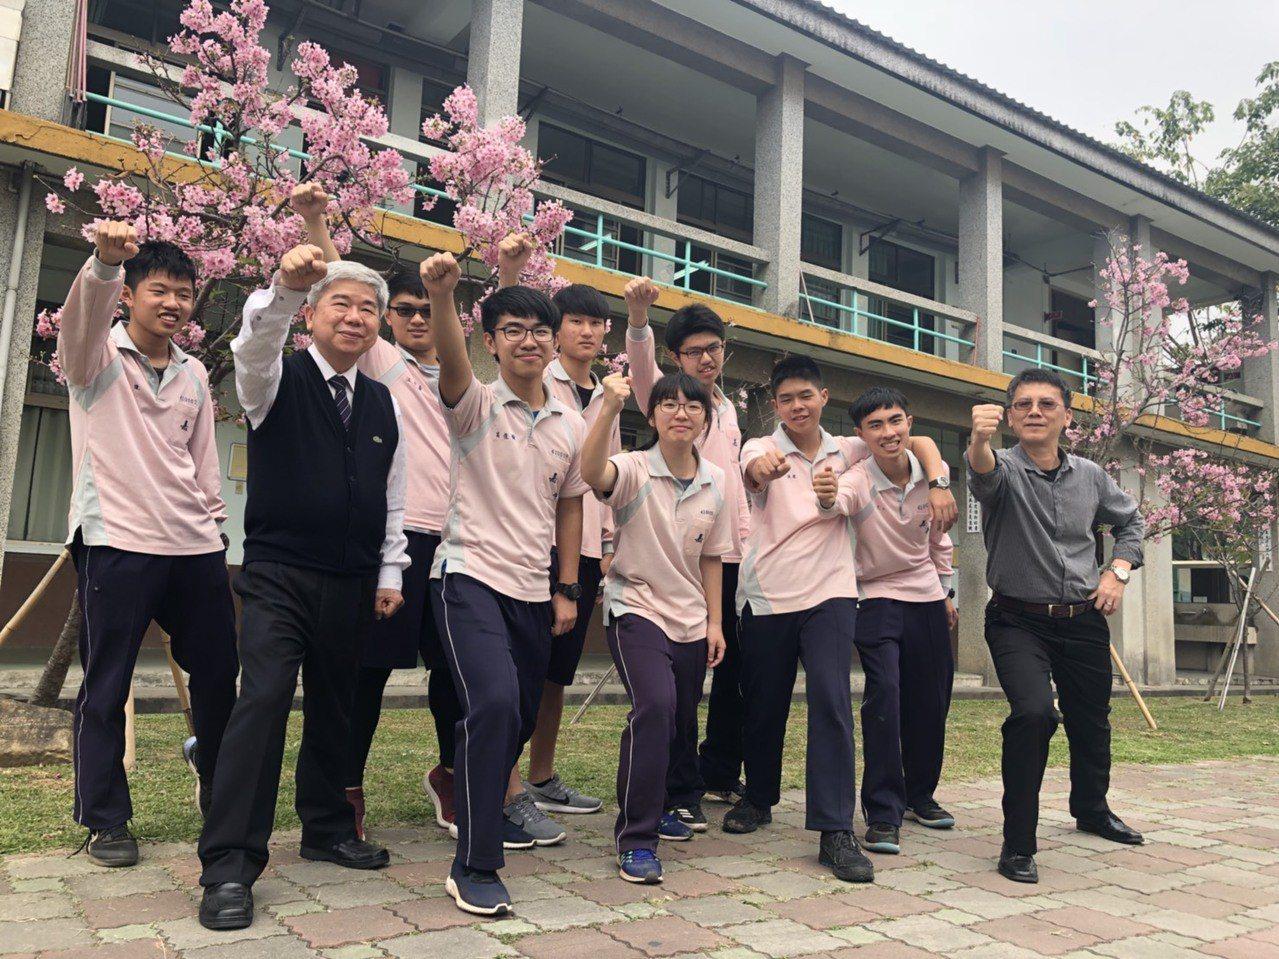 嘉華中學三年愛班(醫科班)有52人,已有29人透過繁星考取心中理想學校,國立大學...